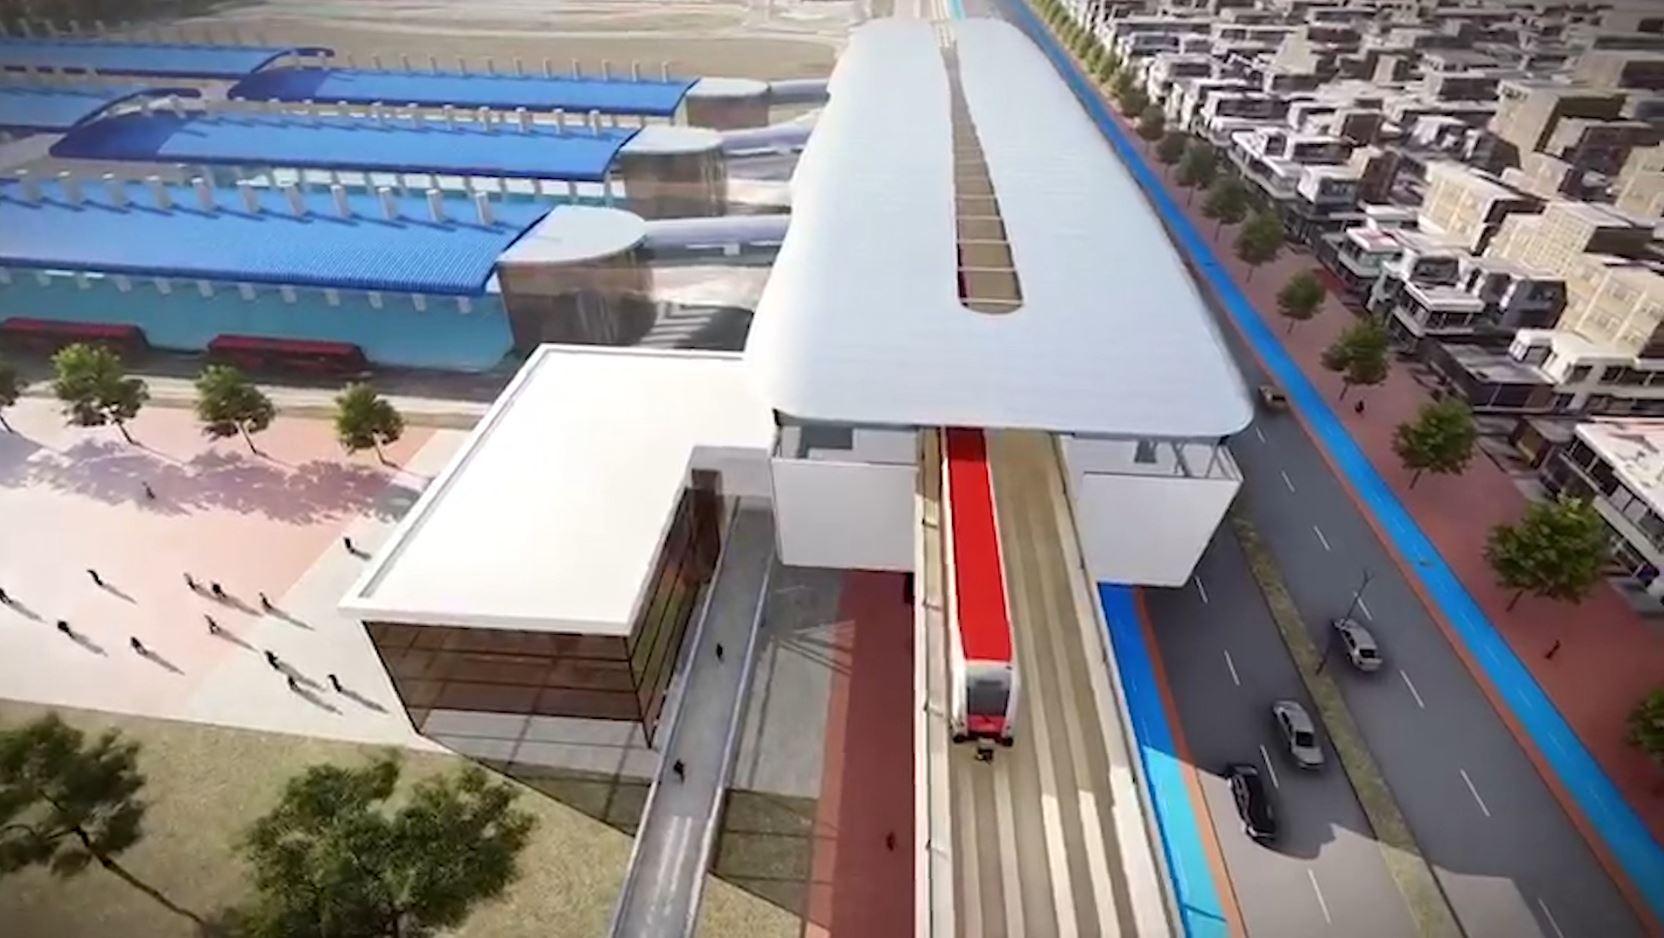 La primera línea del metro de Bogotá costará 13.8 billones de pesos